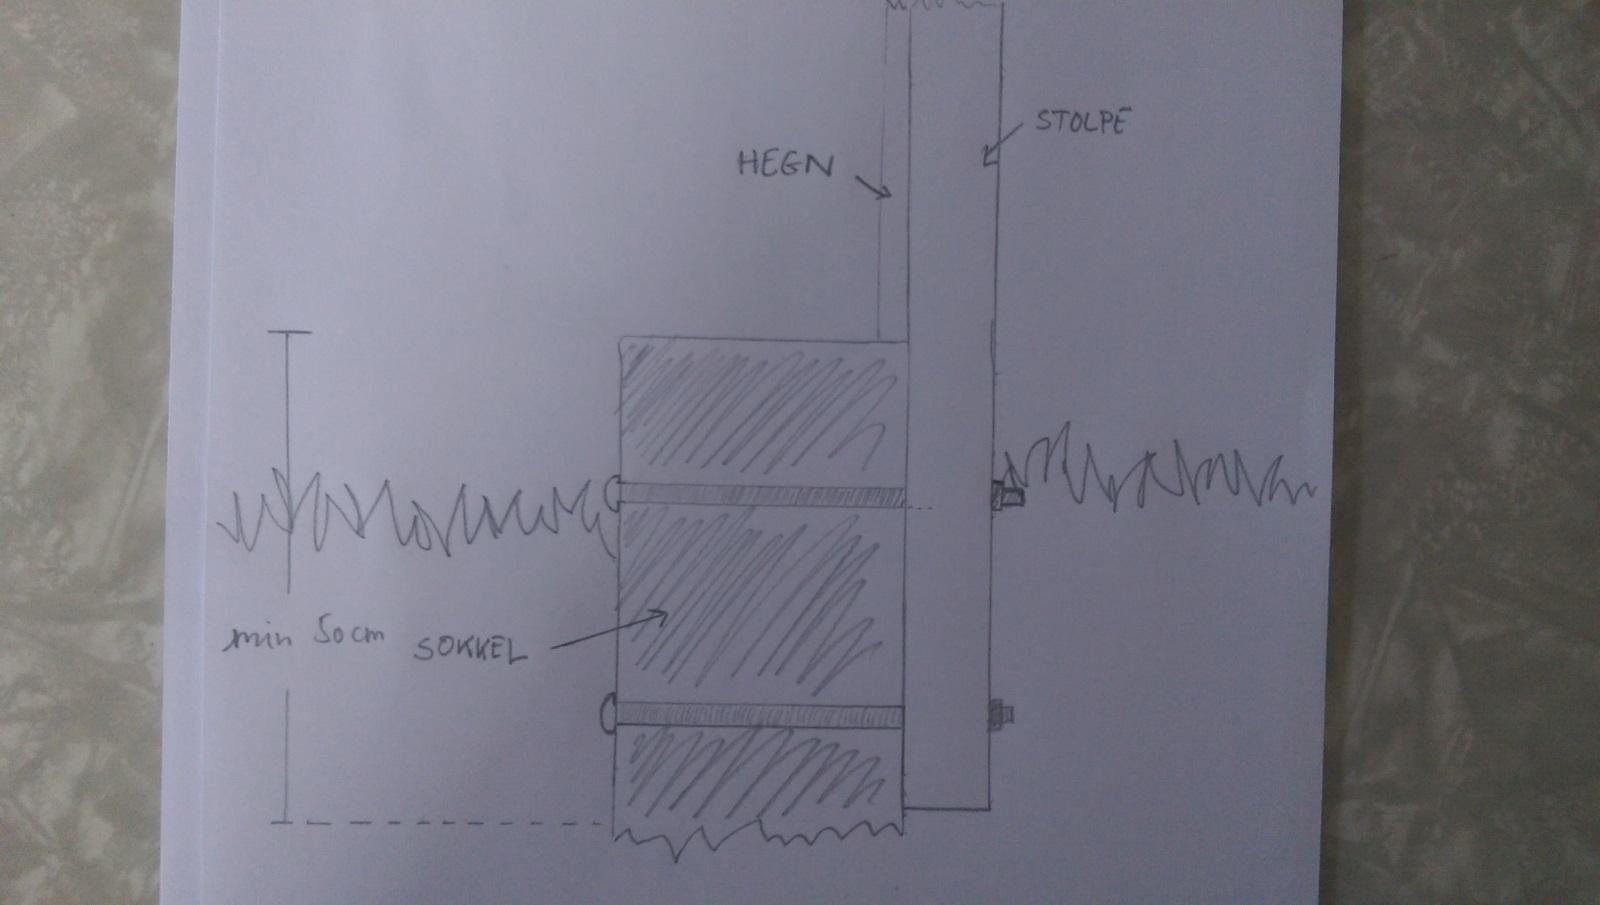 Kan jeg genanvende gammel cementsokkel til hegn?